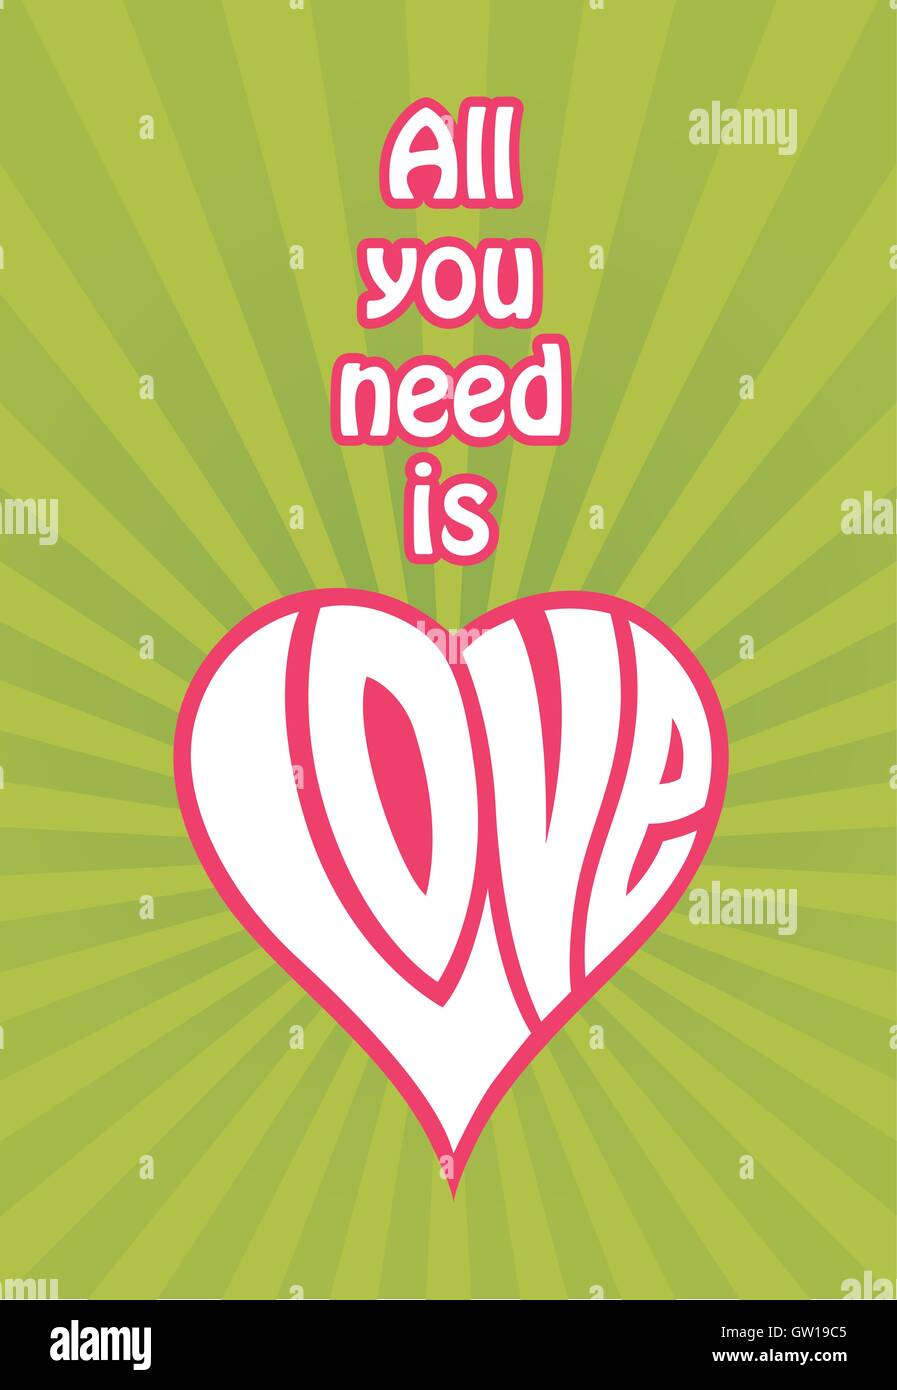 Tutto ciò di cui hai bisogno è amore disegno vettoriale. Forma di cuore realizzato con lettere personalizzate l'ortografia della parola amore. Retrò di groovy radiale dello sfondo. Il giorno di San Valentino. Illustrazione Vettoriale